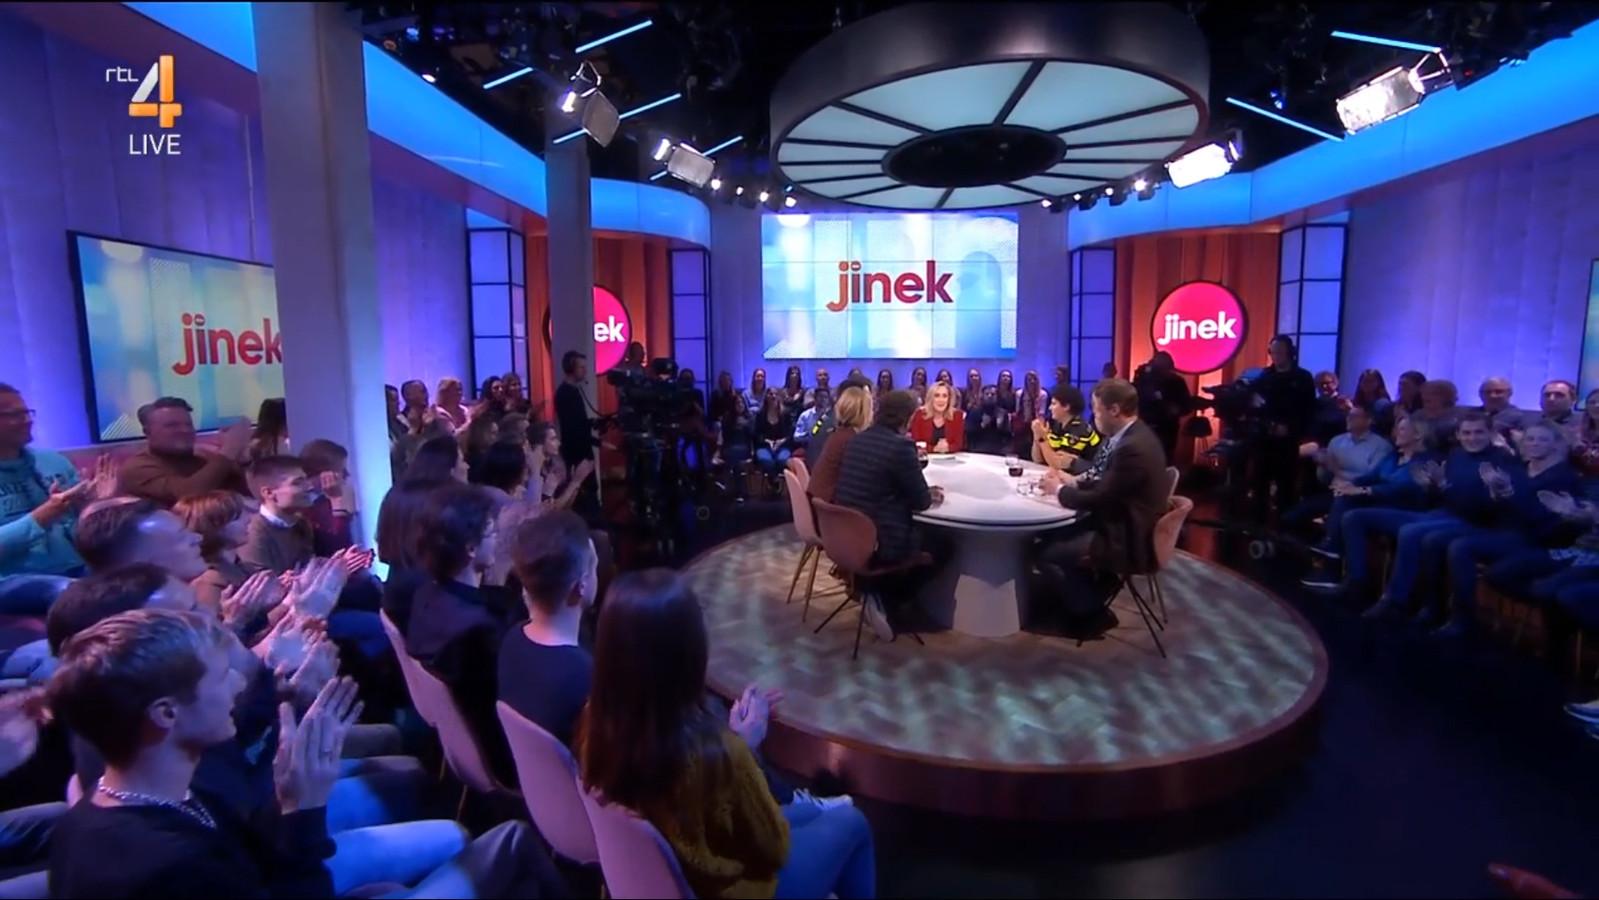 Jinek startte afgelopen vrijdagavond met haar talkshow bij RTL4 in een 'volledig roze studio'.